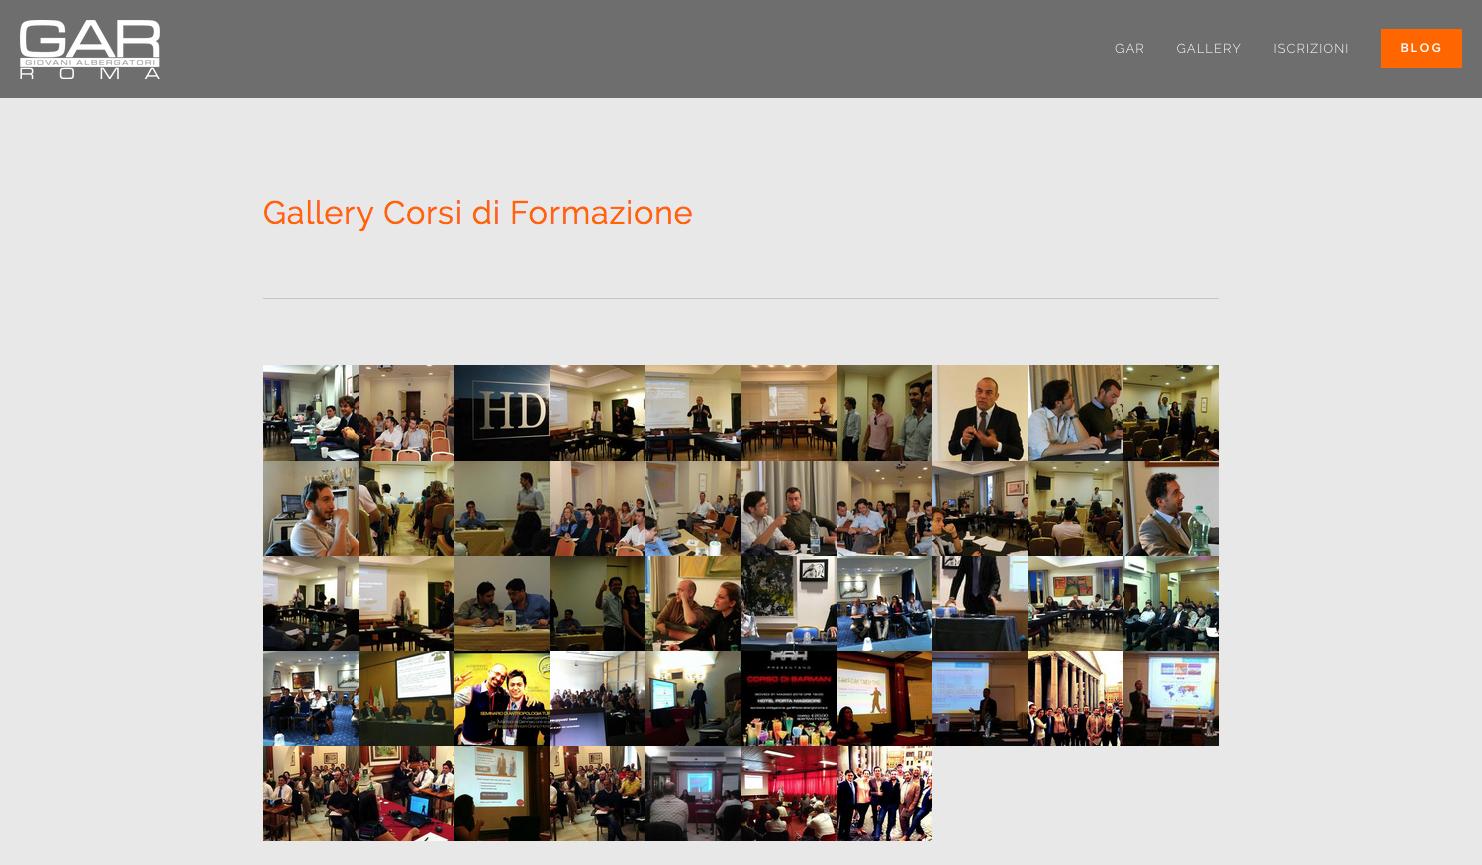 gallery sito gar